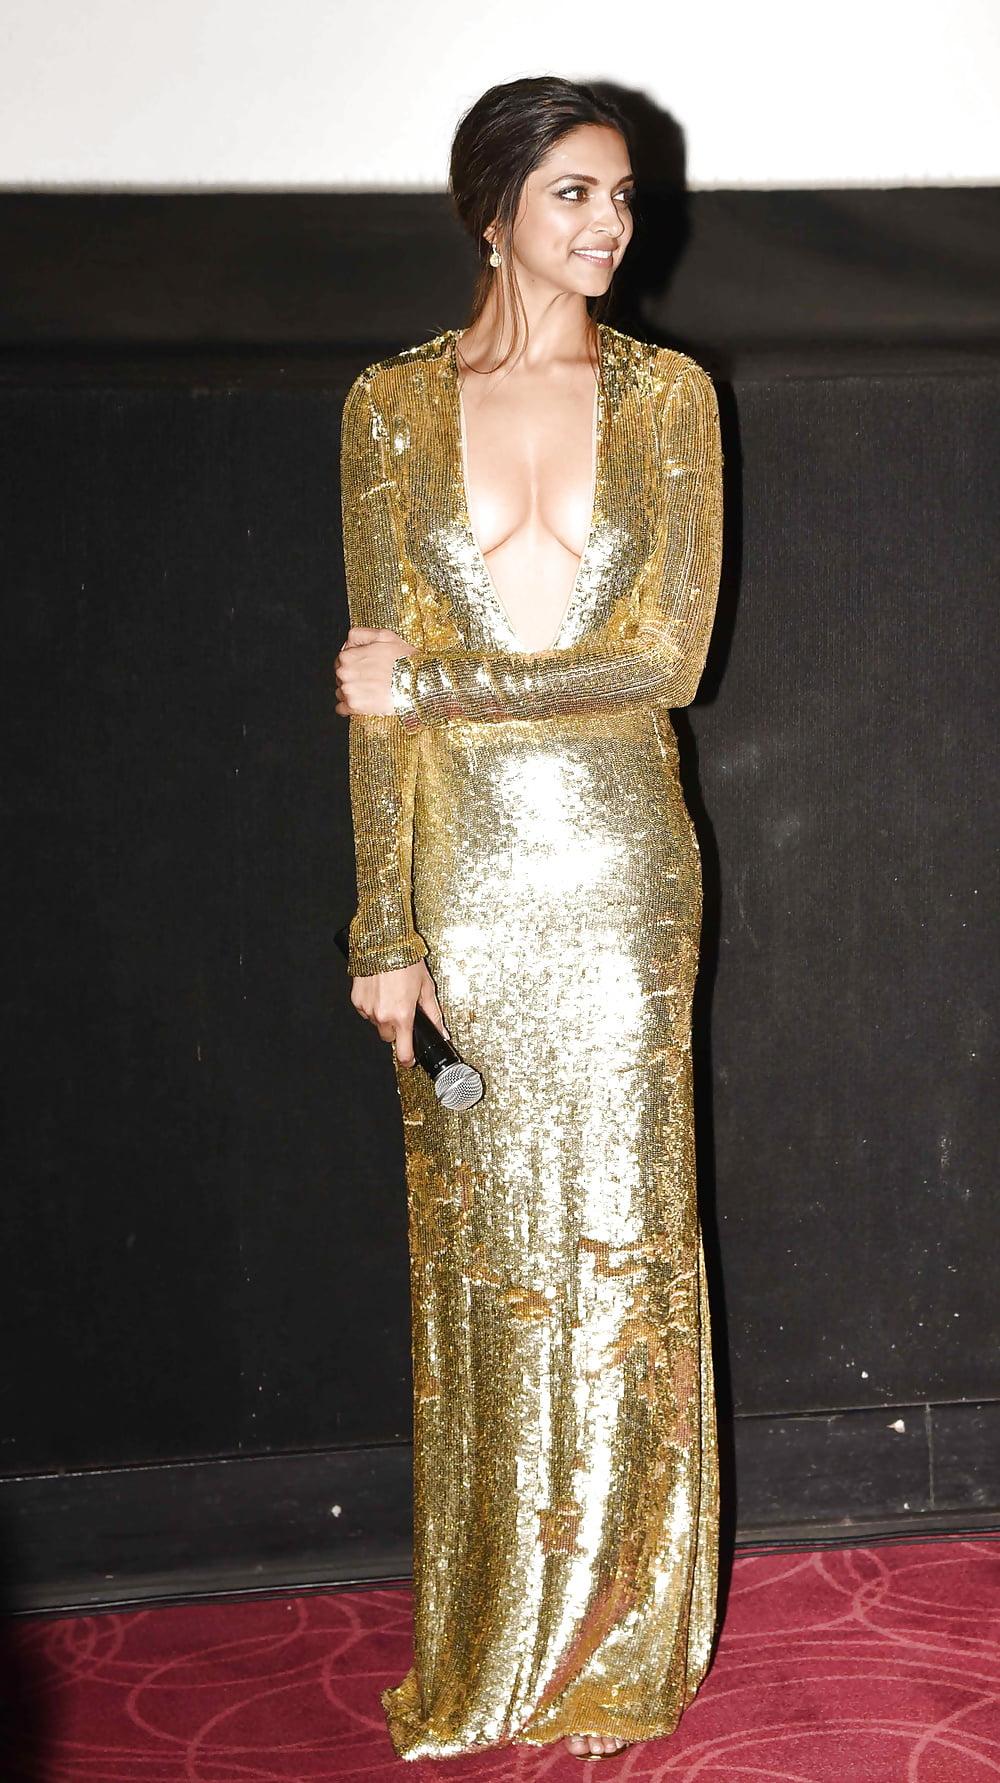 В золотом платье дрочит — 13